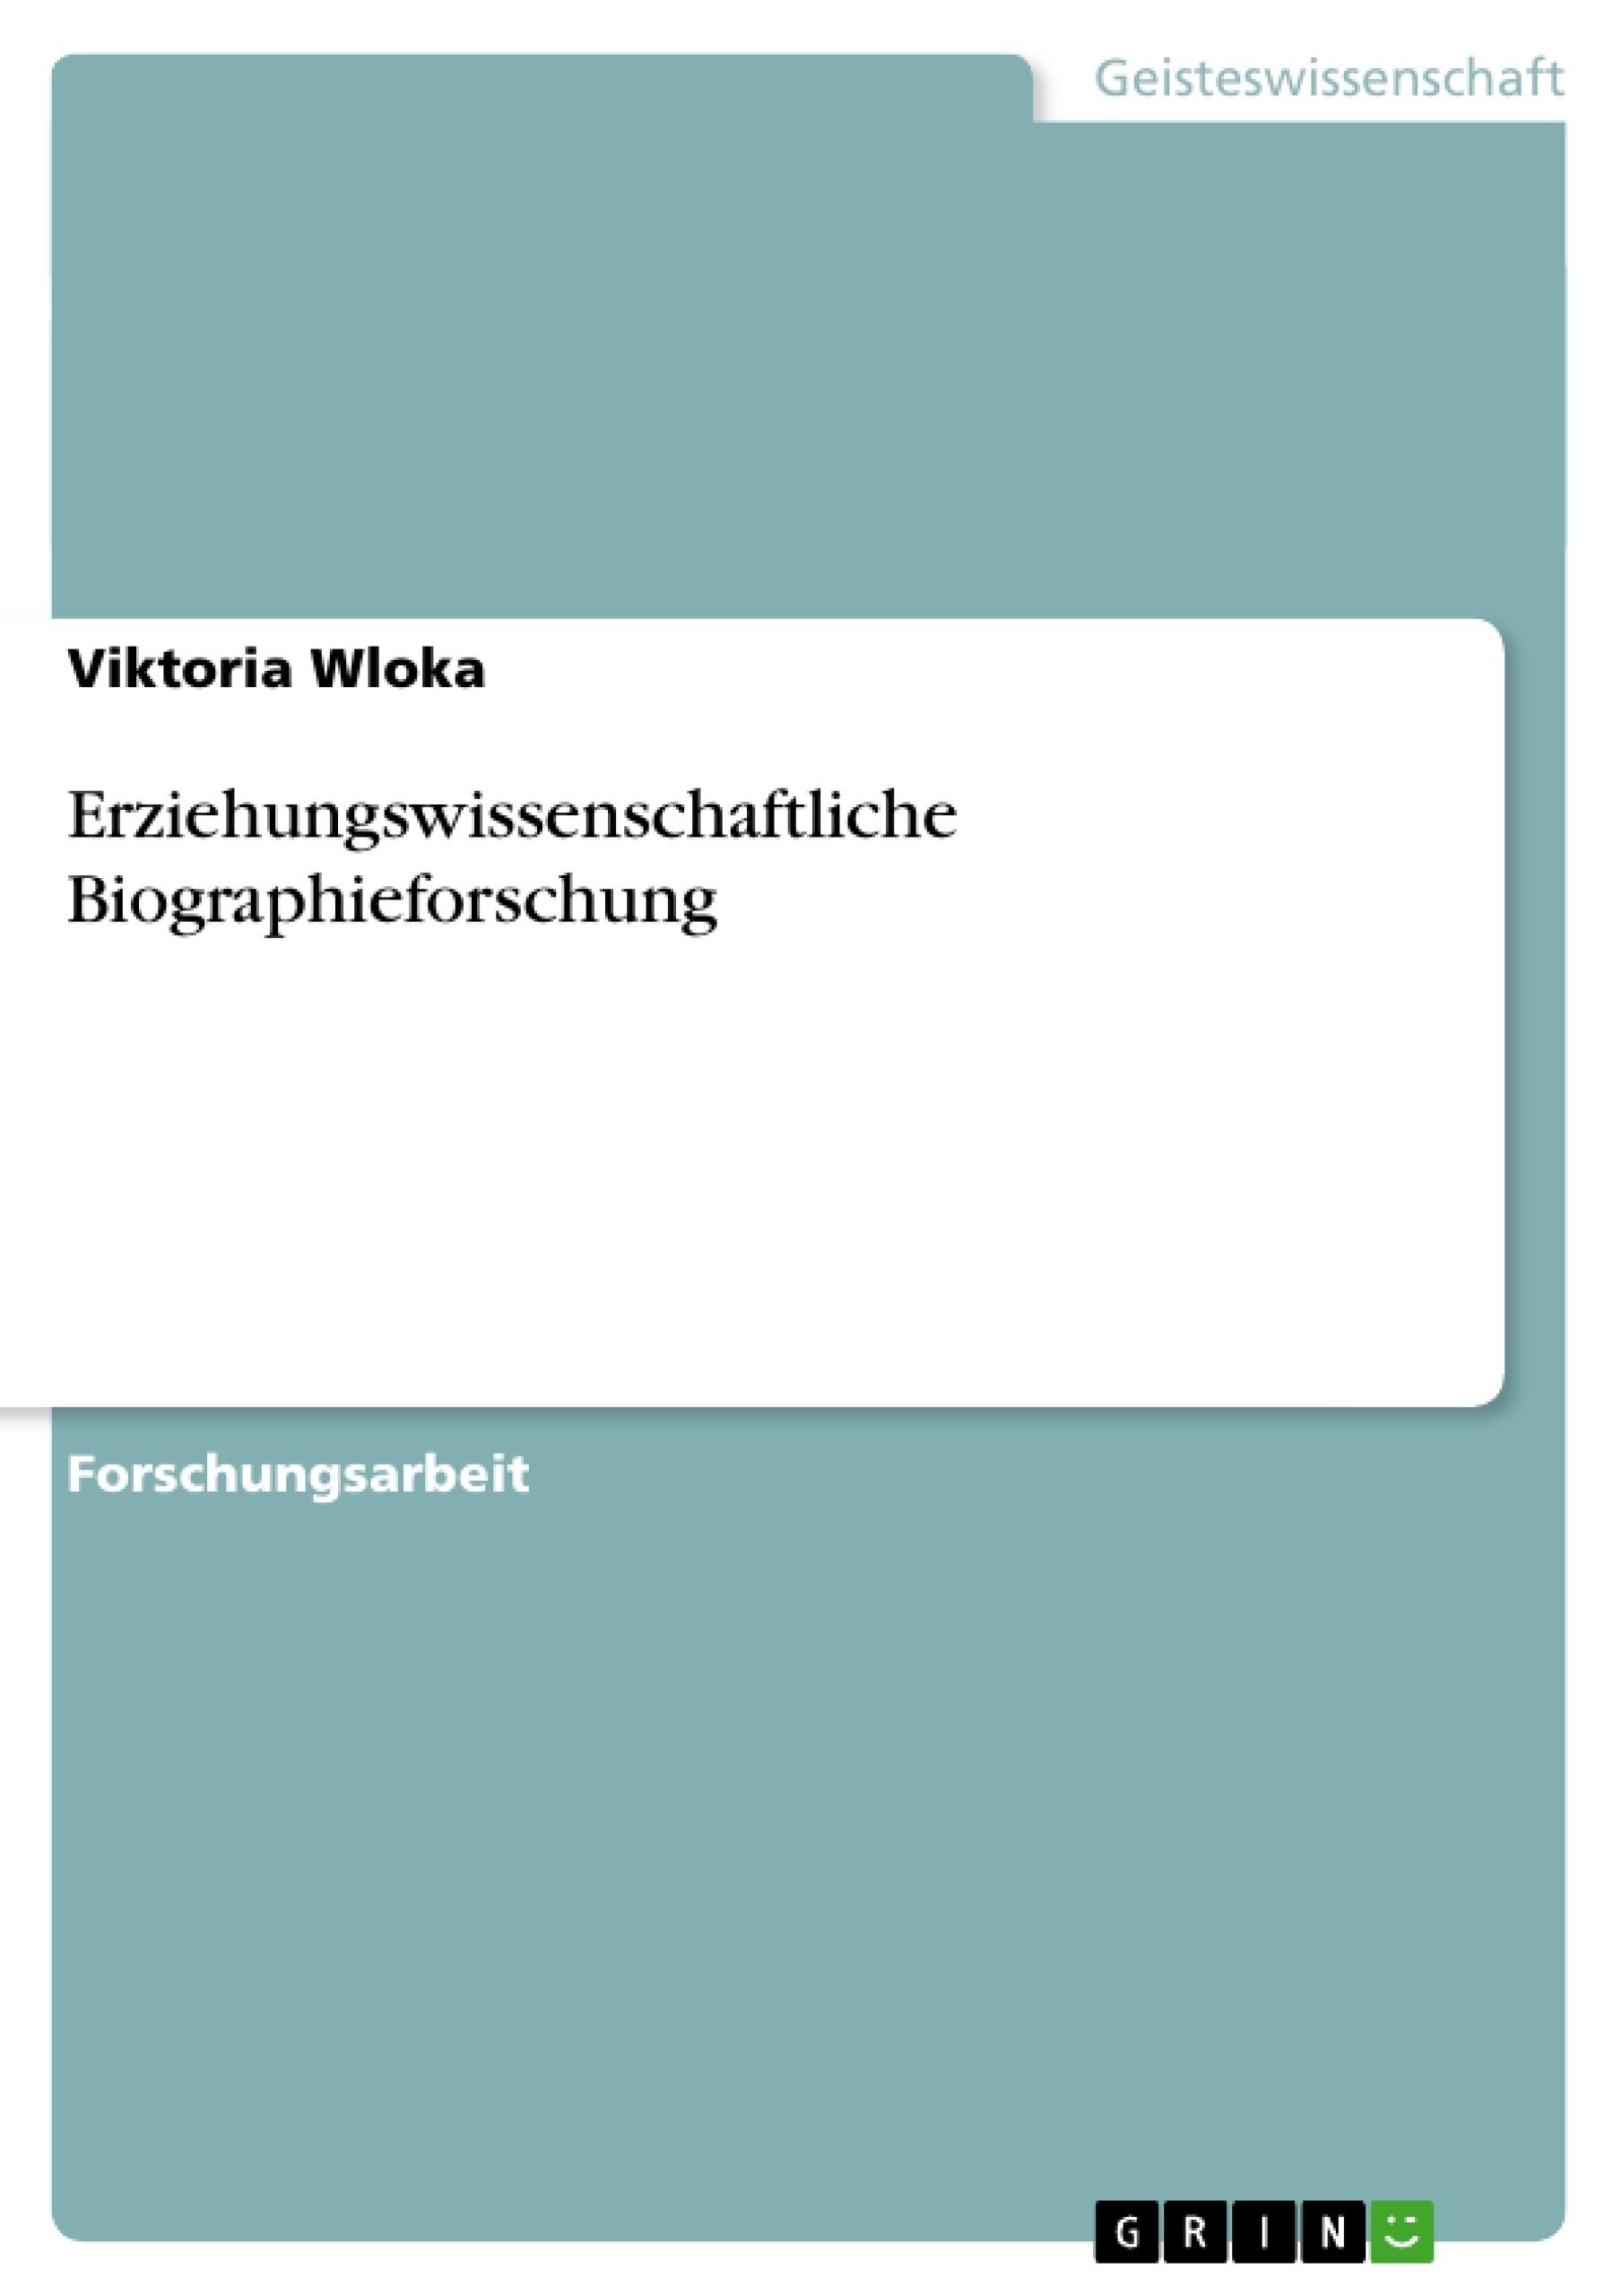 Titel: Erziehungswissenschaftliche Biographieforschung